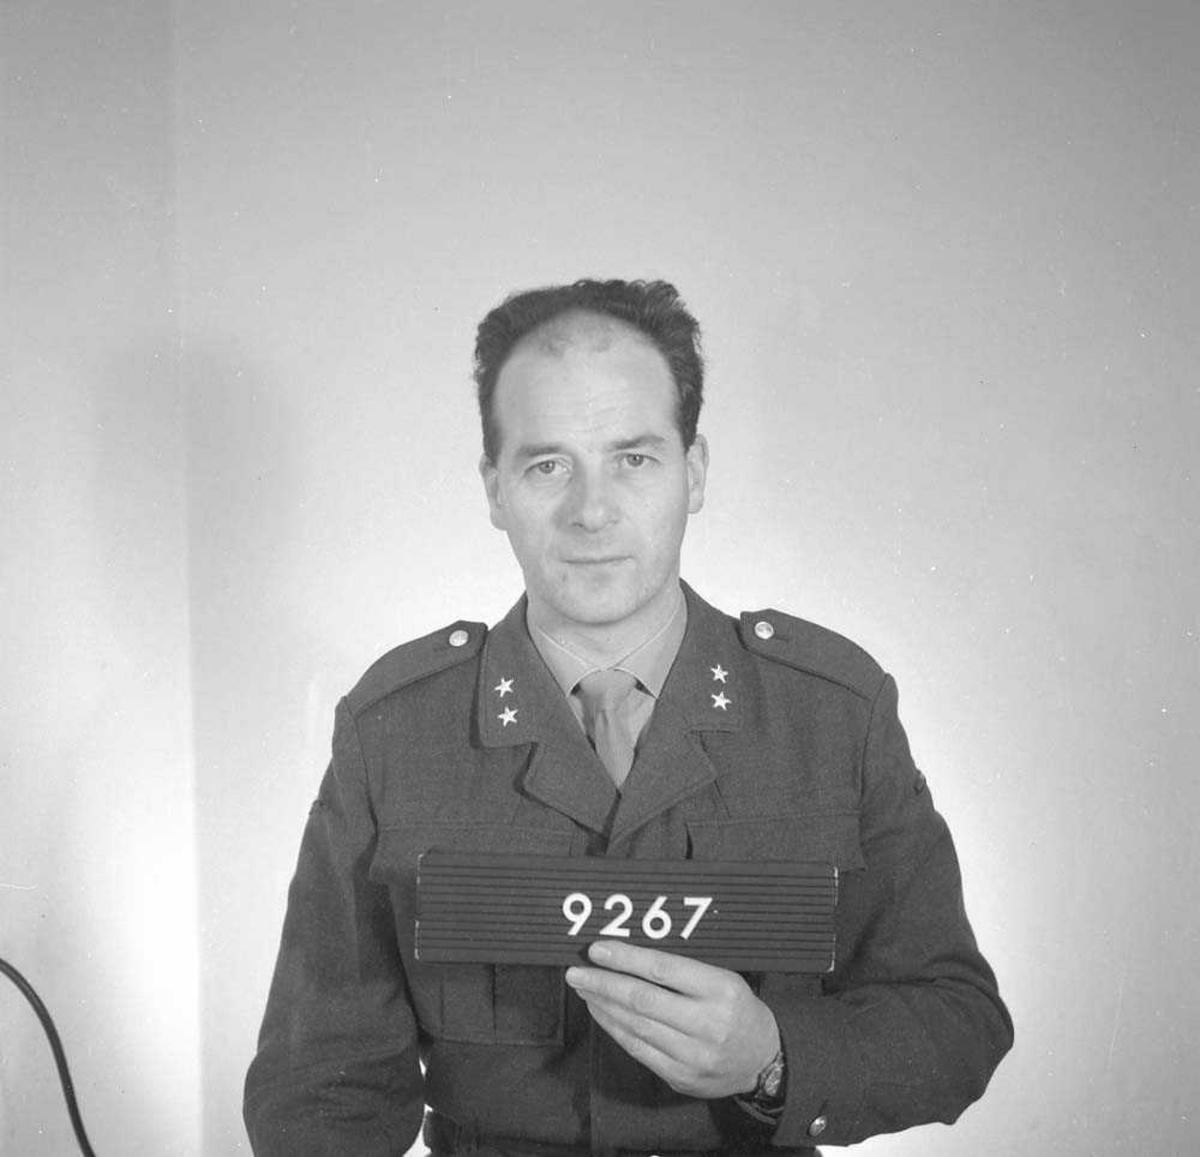 Portrett av Løytnant Pettersen, Vollmester, Bodø flystasjon.